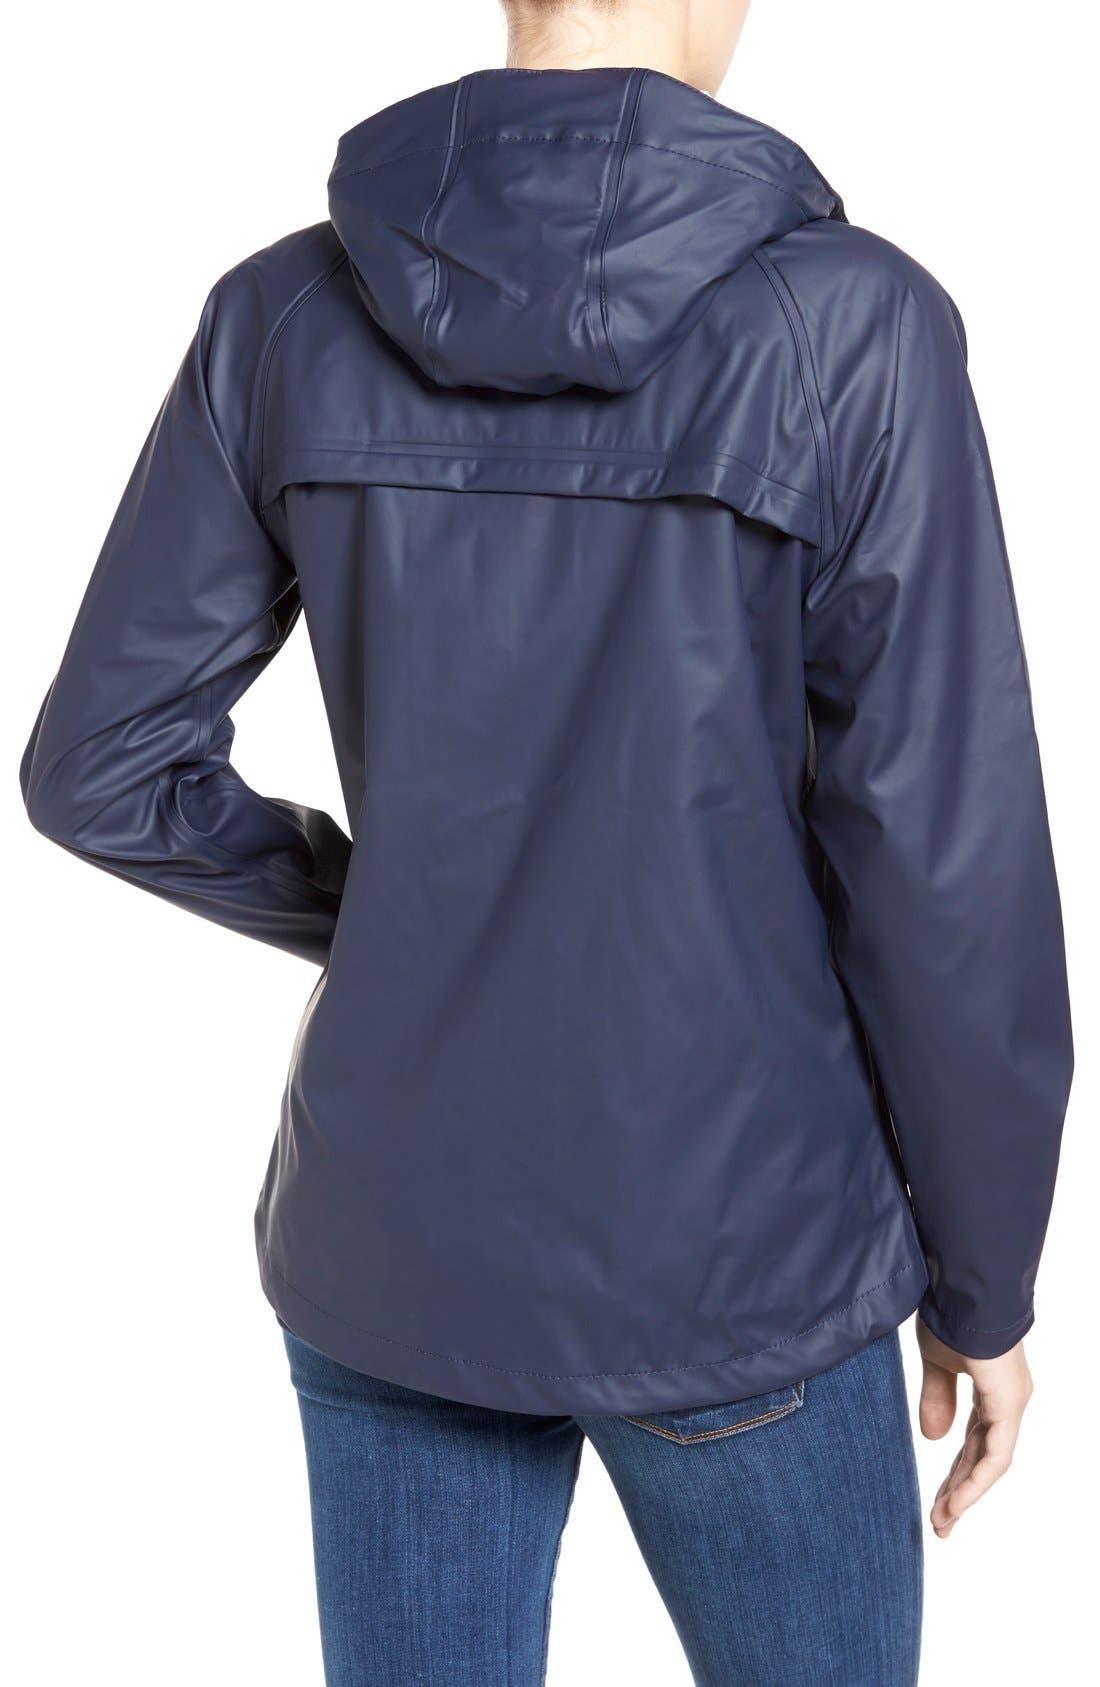 Alternate Image 2  - Tretorn 'Tora' Hooded Rain Jacket